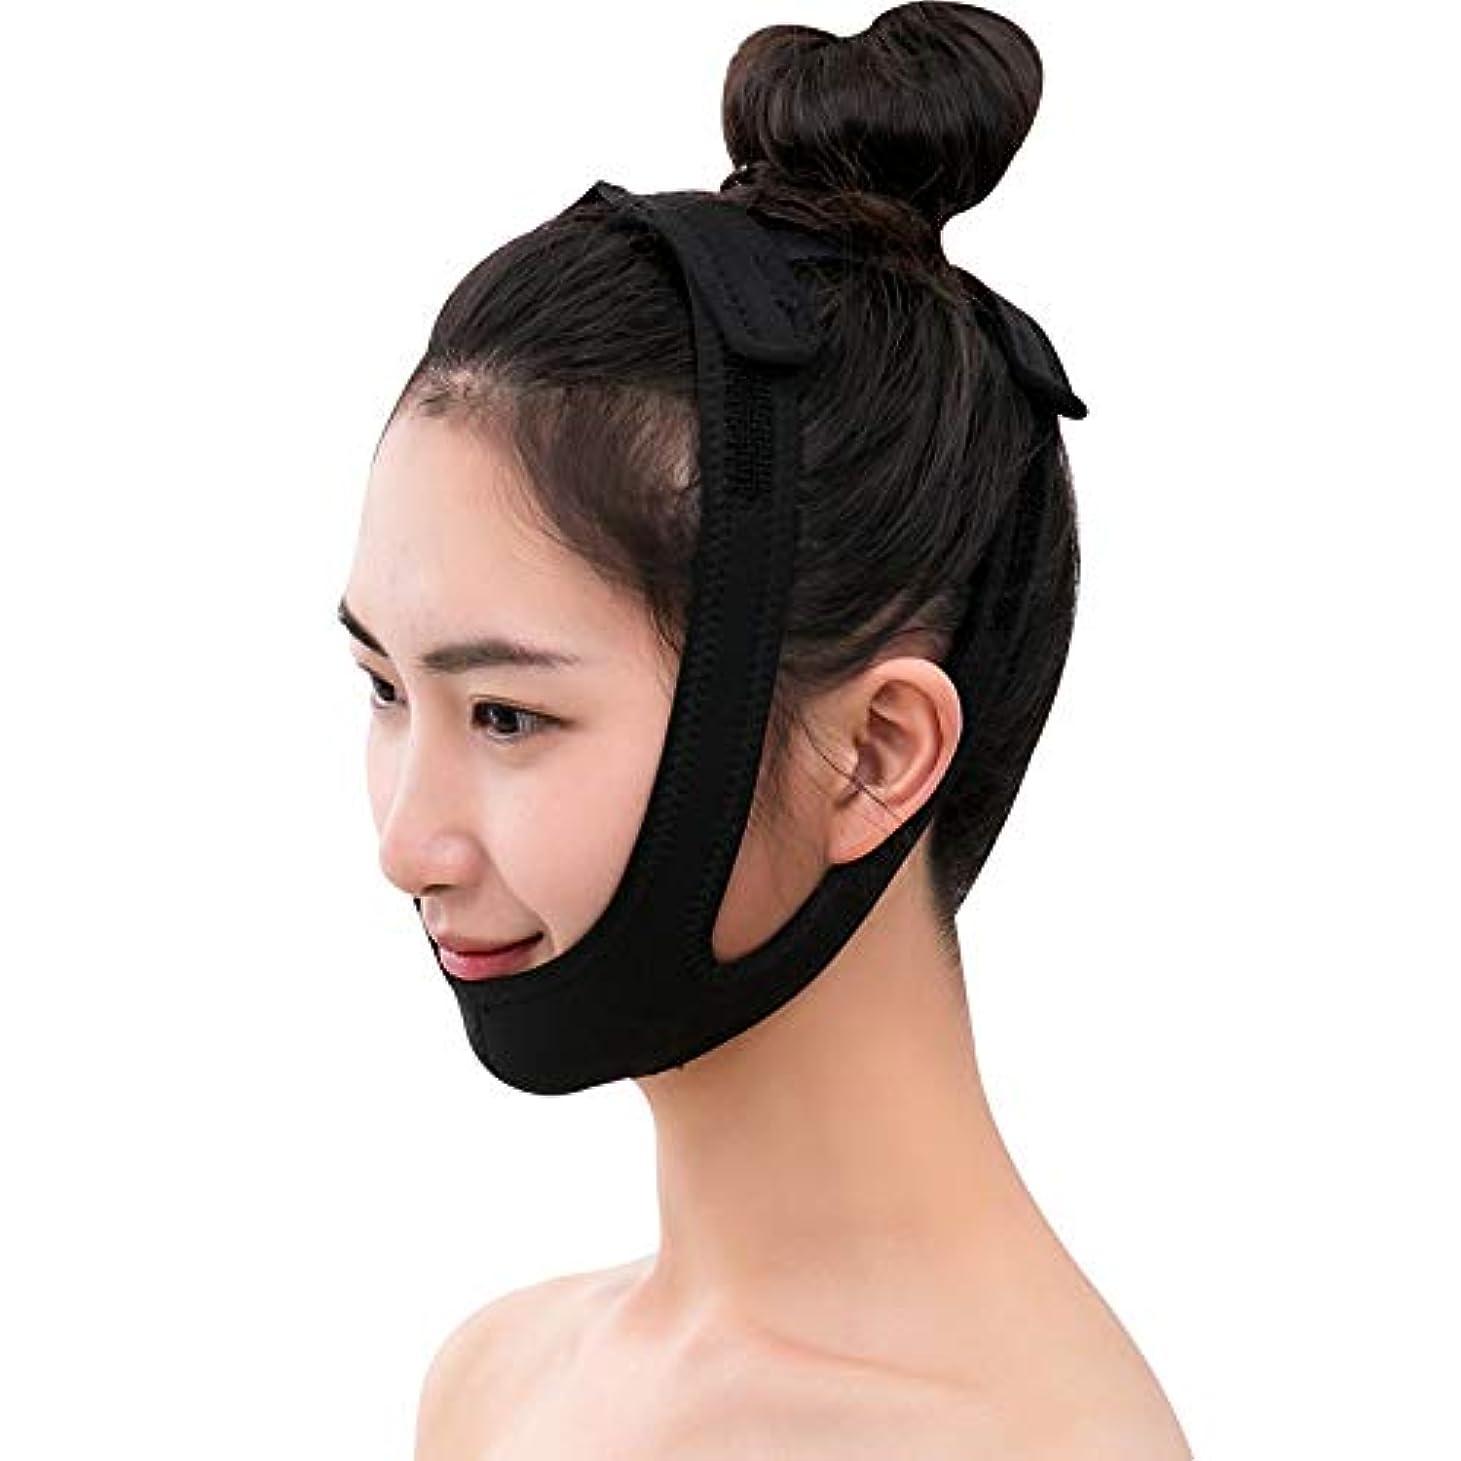 ダース奪う悲劇フェイスリフティング包帯、Vフェイス睡眠フェイスマスク、整形と持ち上げ、ダブルチンストラップ